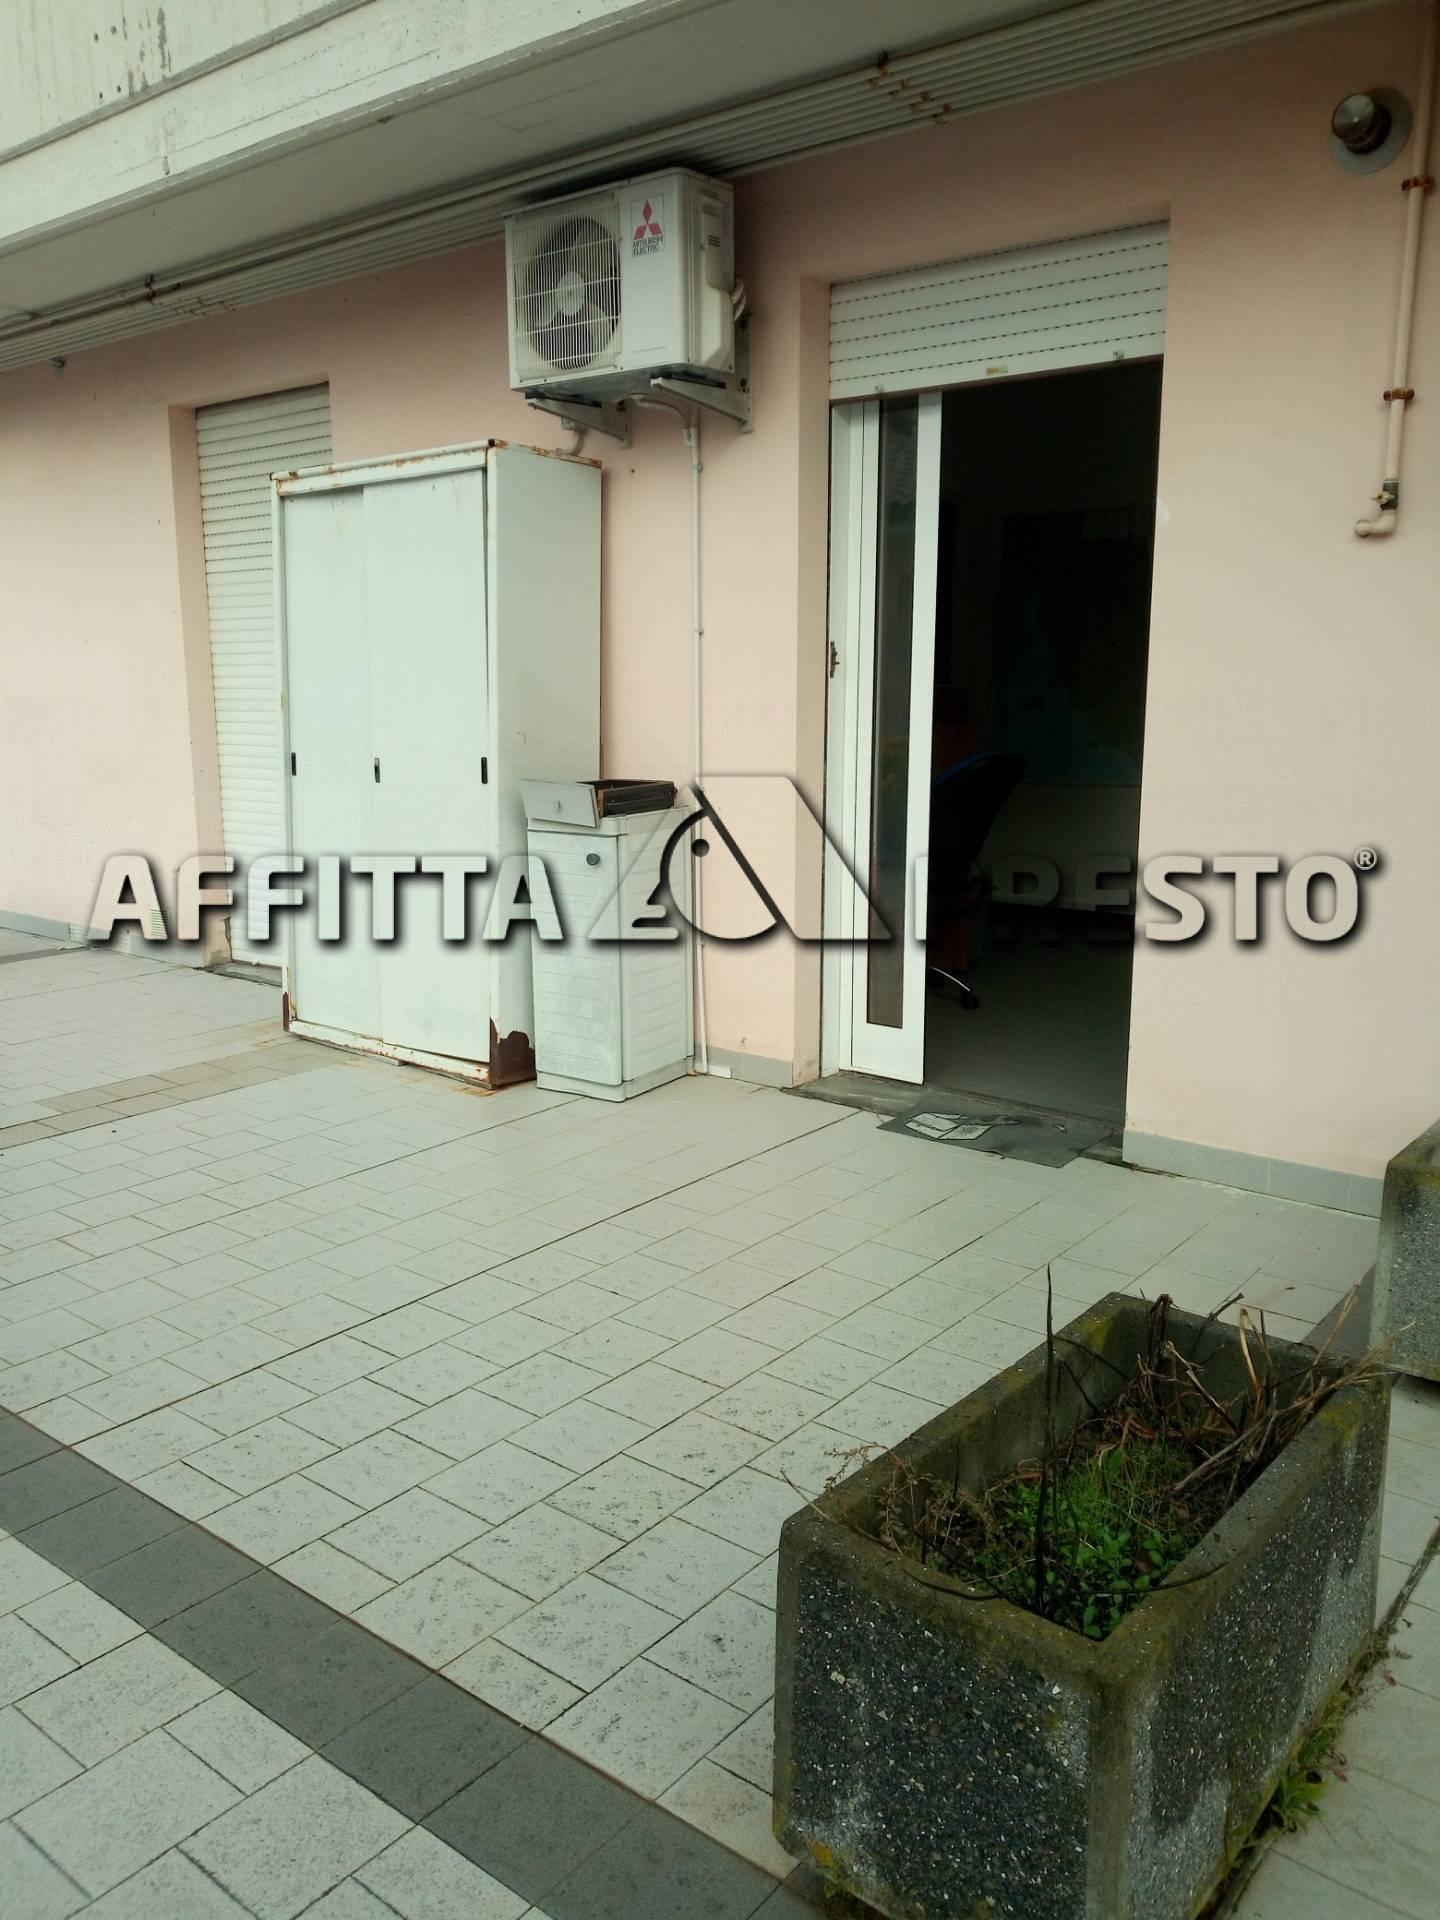 Ufficio in affitto a Capannoli (PI)